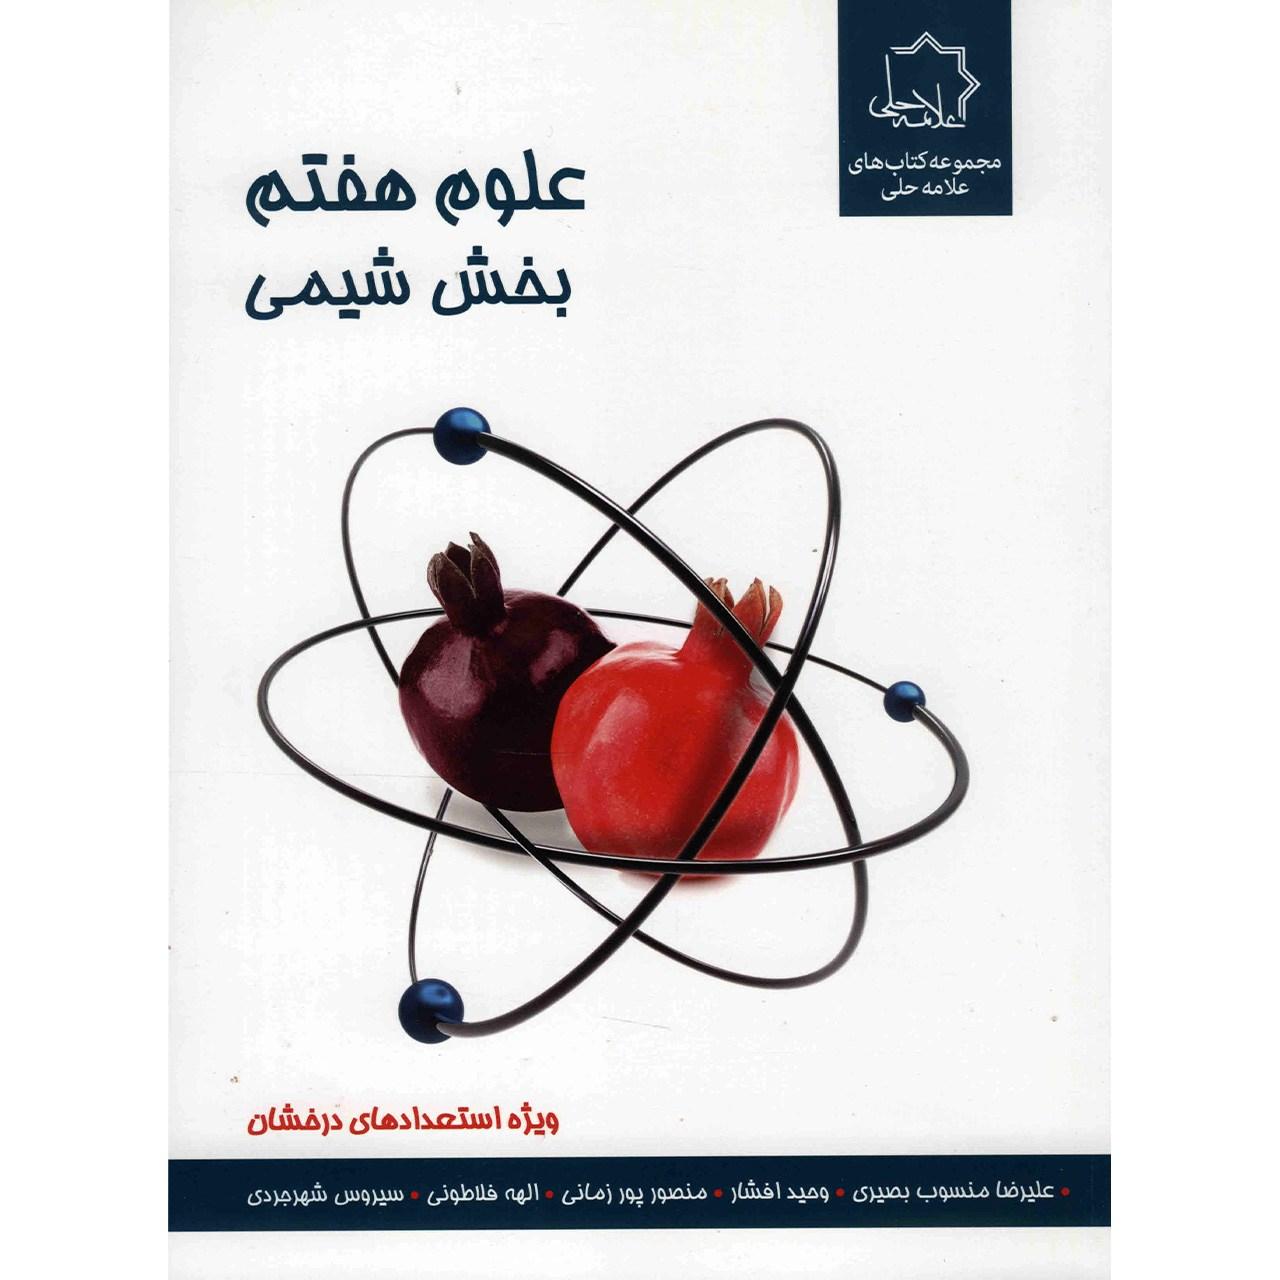 کتاب علوم هفتم بخش شیمی انتشارات حلی اثر علیرضا منسوب بصیری